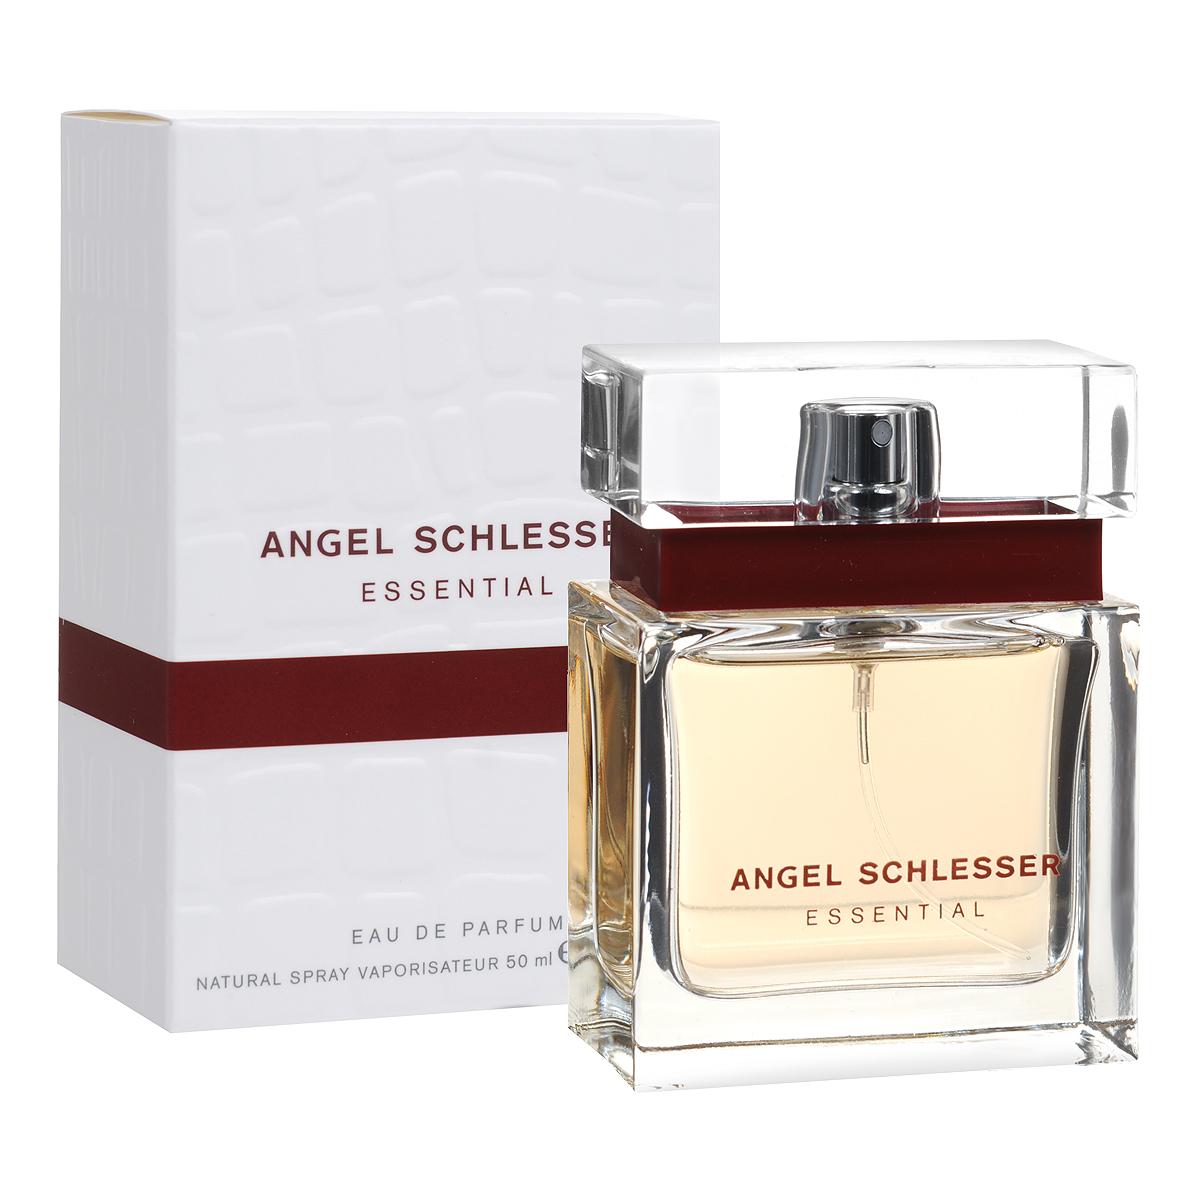 Angel Schlesser Парфюмерная вода Essential, женская, 50 мл25731Женский аромат Angel Schlesser Essential создан для современной, уверенной в себе женщины, которая следит за новыми тенденциями в мире моды и парфюмерии. Он посвящен элегантной, соблазнительной и неповторимой женщине. Она обладает яркой маняще-откровенной красотой, но в то же время скрывает в себе неразрешимую притягательную тайну. Эта тайна делает ее особенной, непохожей на других, наполняя сосуд ее красоты бесконечным и драгоценным содержанием. Классификация аромата : цветочно-фруктовый. Пирамида аромата : Верхние ноты: бергамот, красная смородина, свежесть фруктов. Ноты сердца: болгарская роза, пион, фрезия, фиалка.. Ноты шлейфа: мускус, ветивер, сандал. Ключевые слова нежный, свежий! Самый популярный вид парфюмерной продукции на сегодняшний день - парфюмерная вода. Это объясняется оптимальным балансом цены и качества - с одной стороны, достаточно высокая...